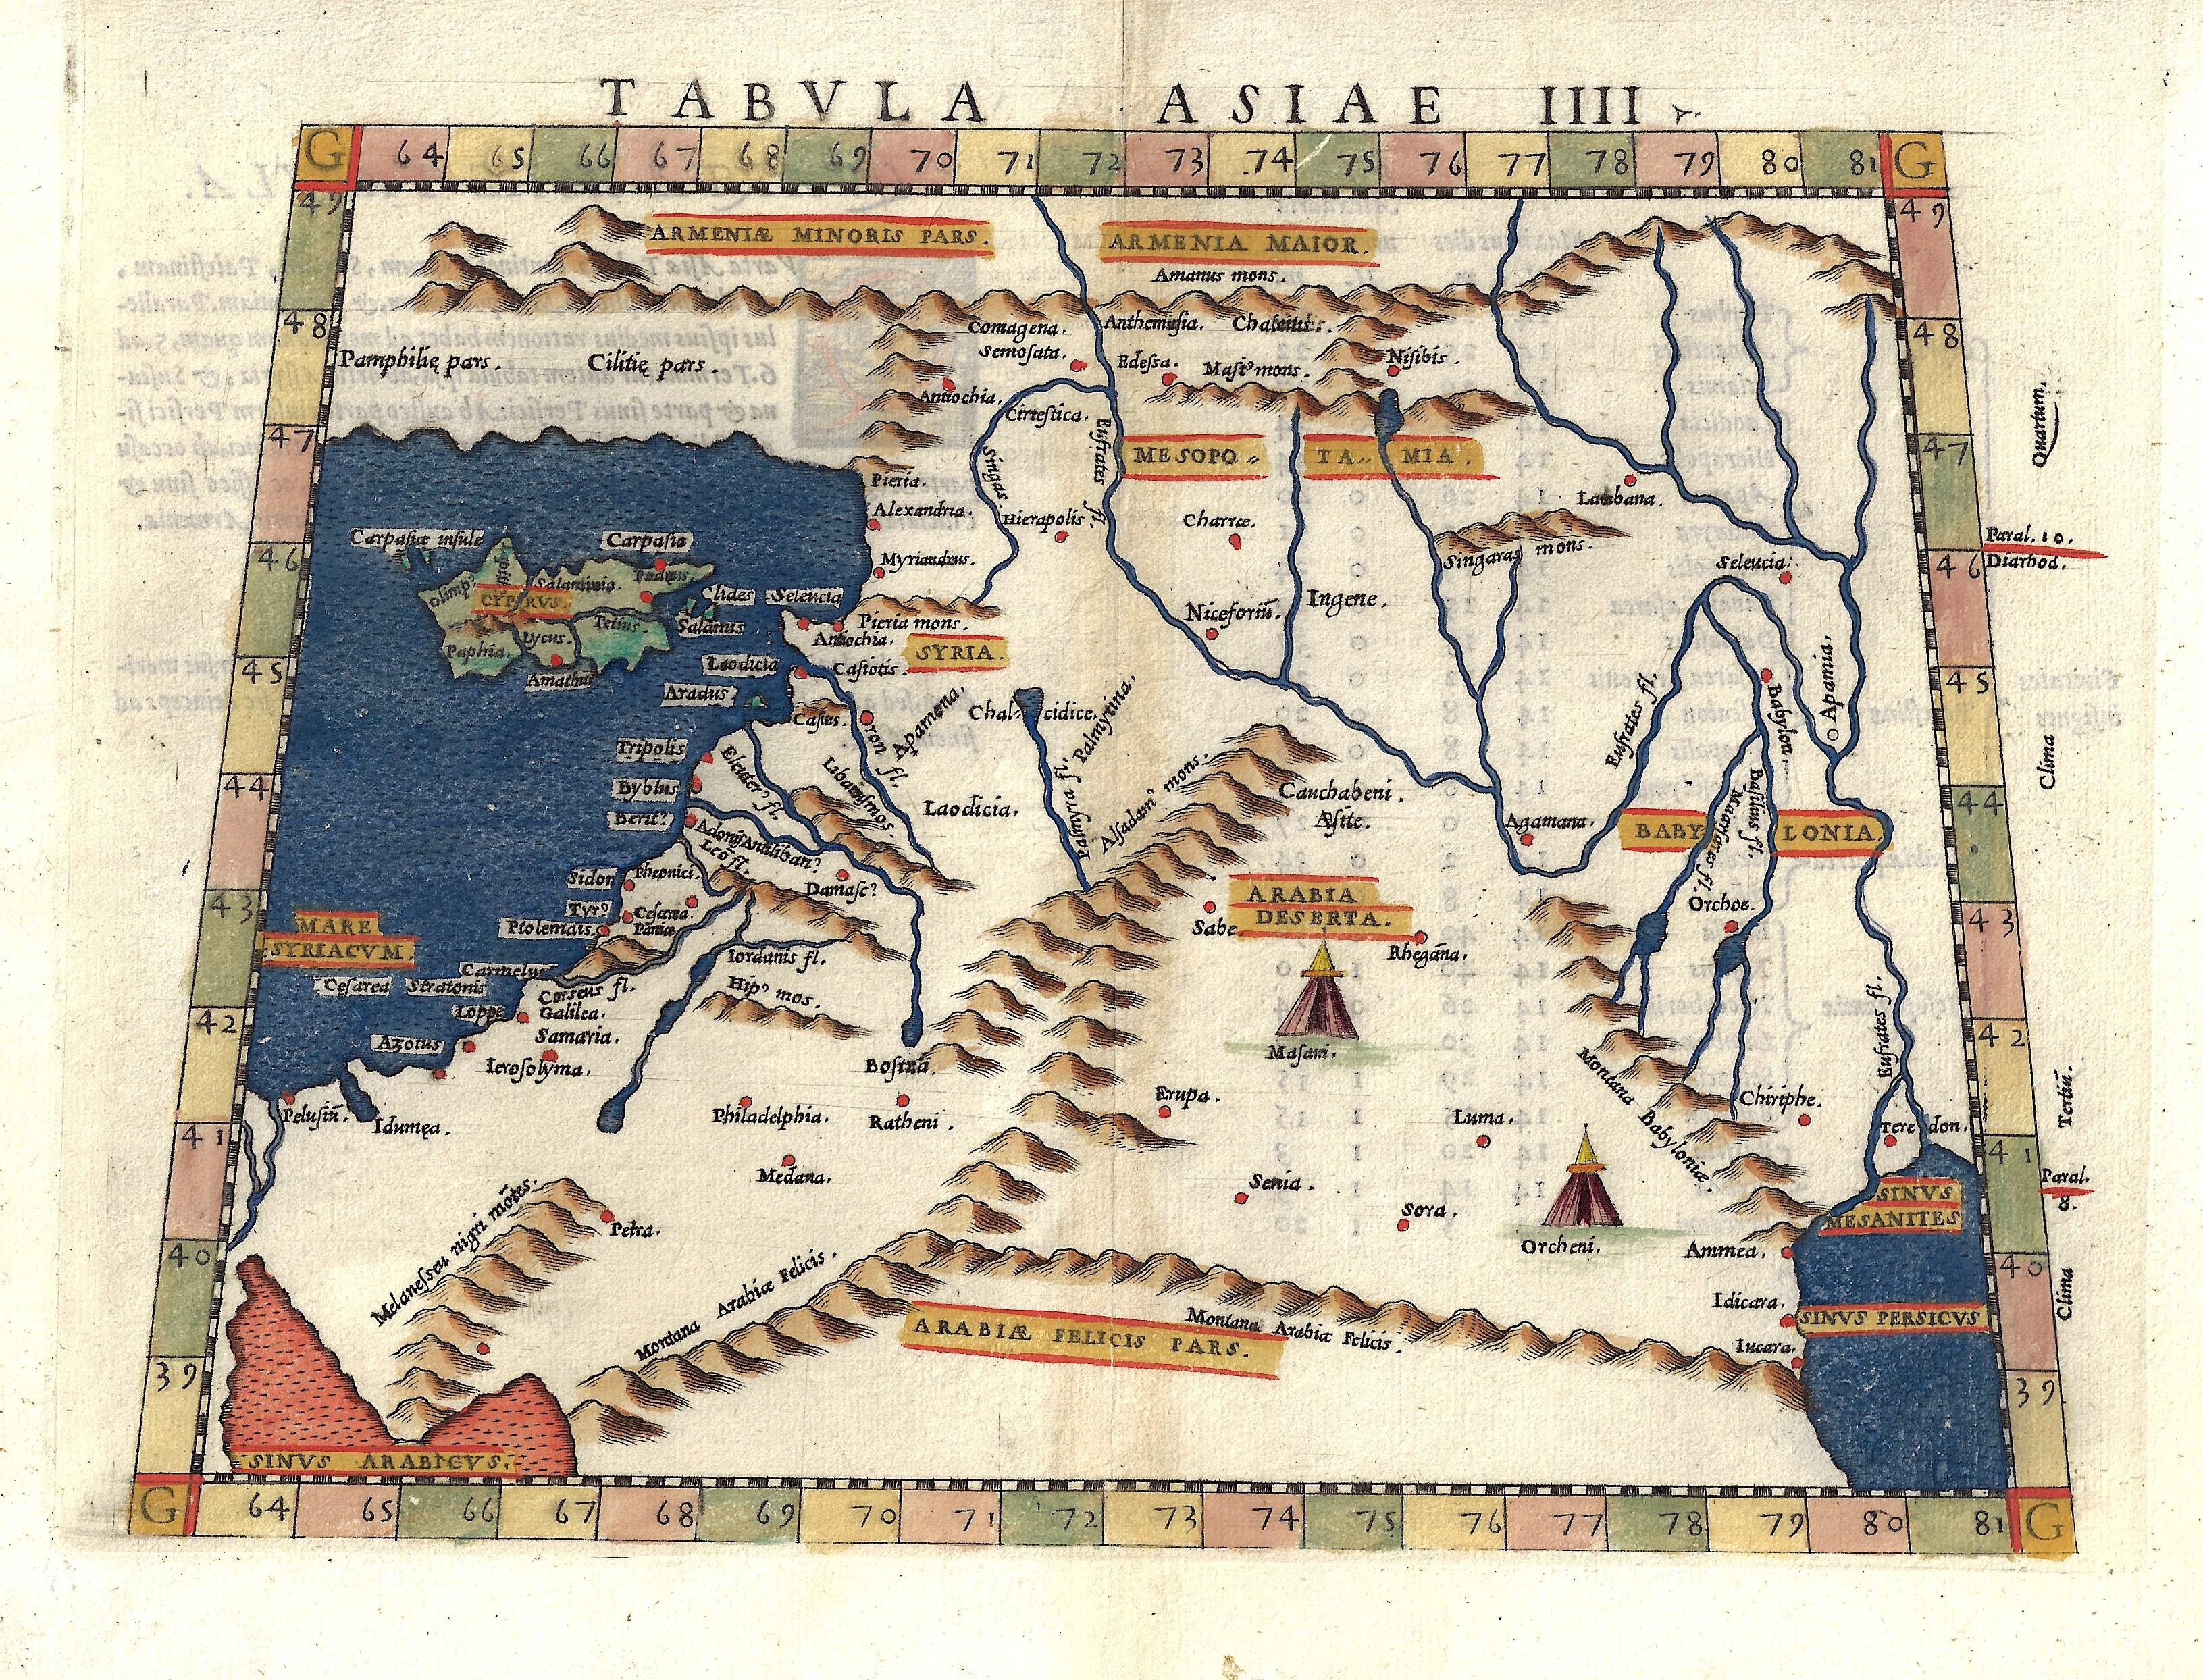 Ruscelli Girolamo Tabula Asiae IIII.